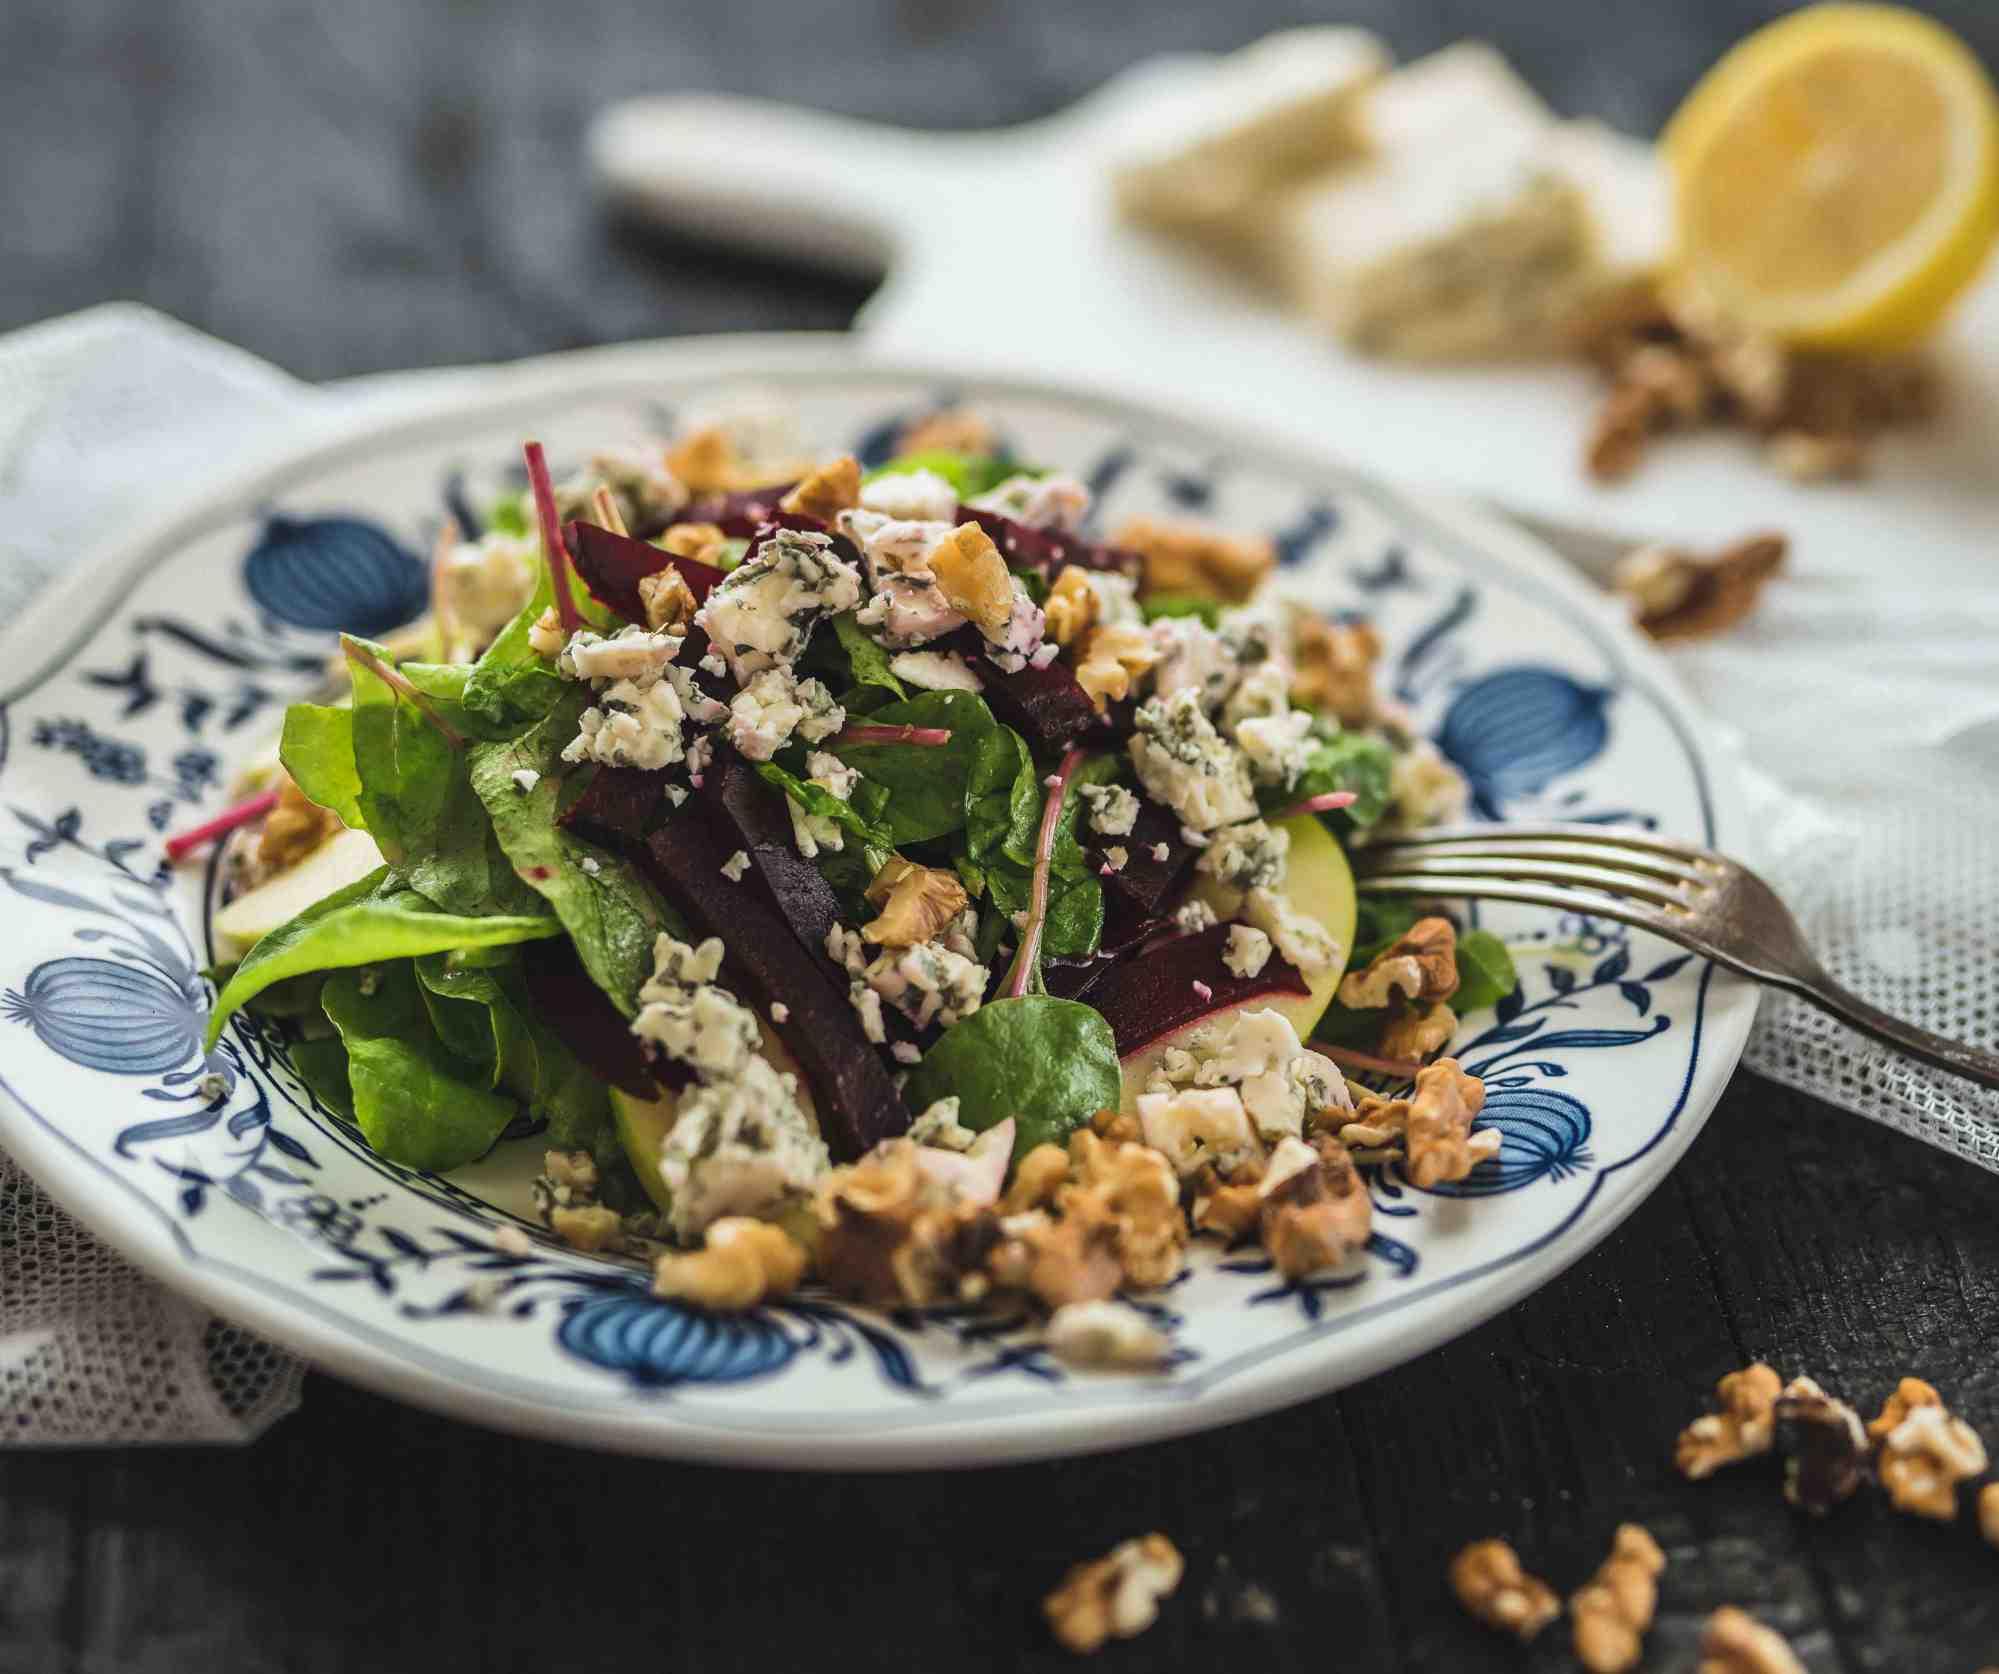 Podzimní salát s červenou řepou, modrým sýrem ajablky